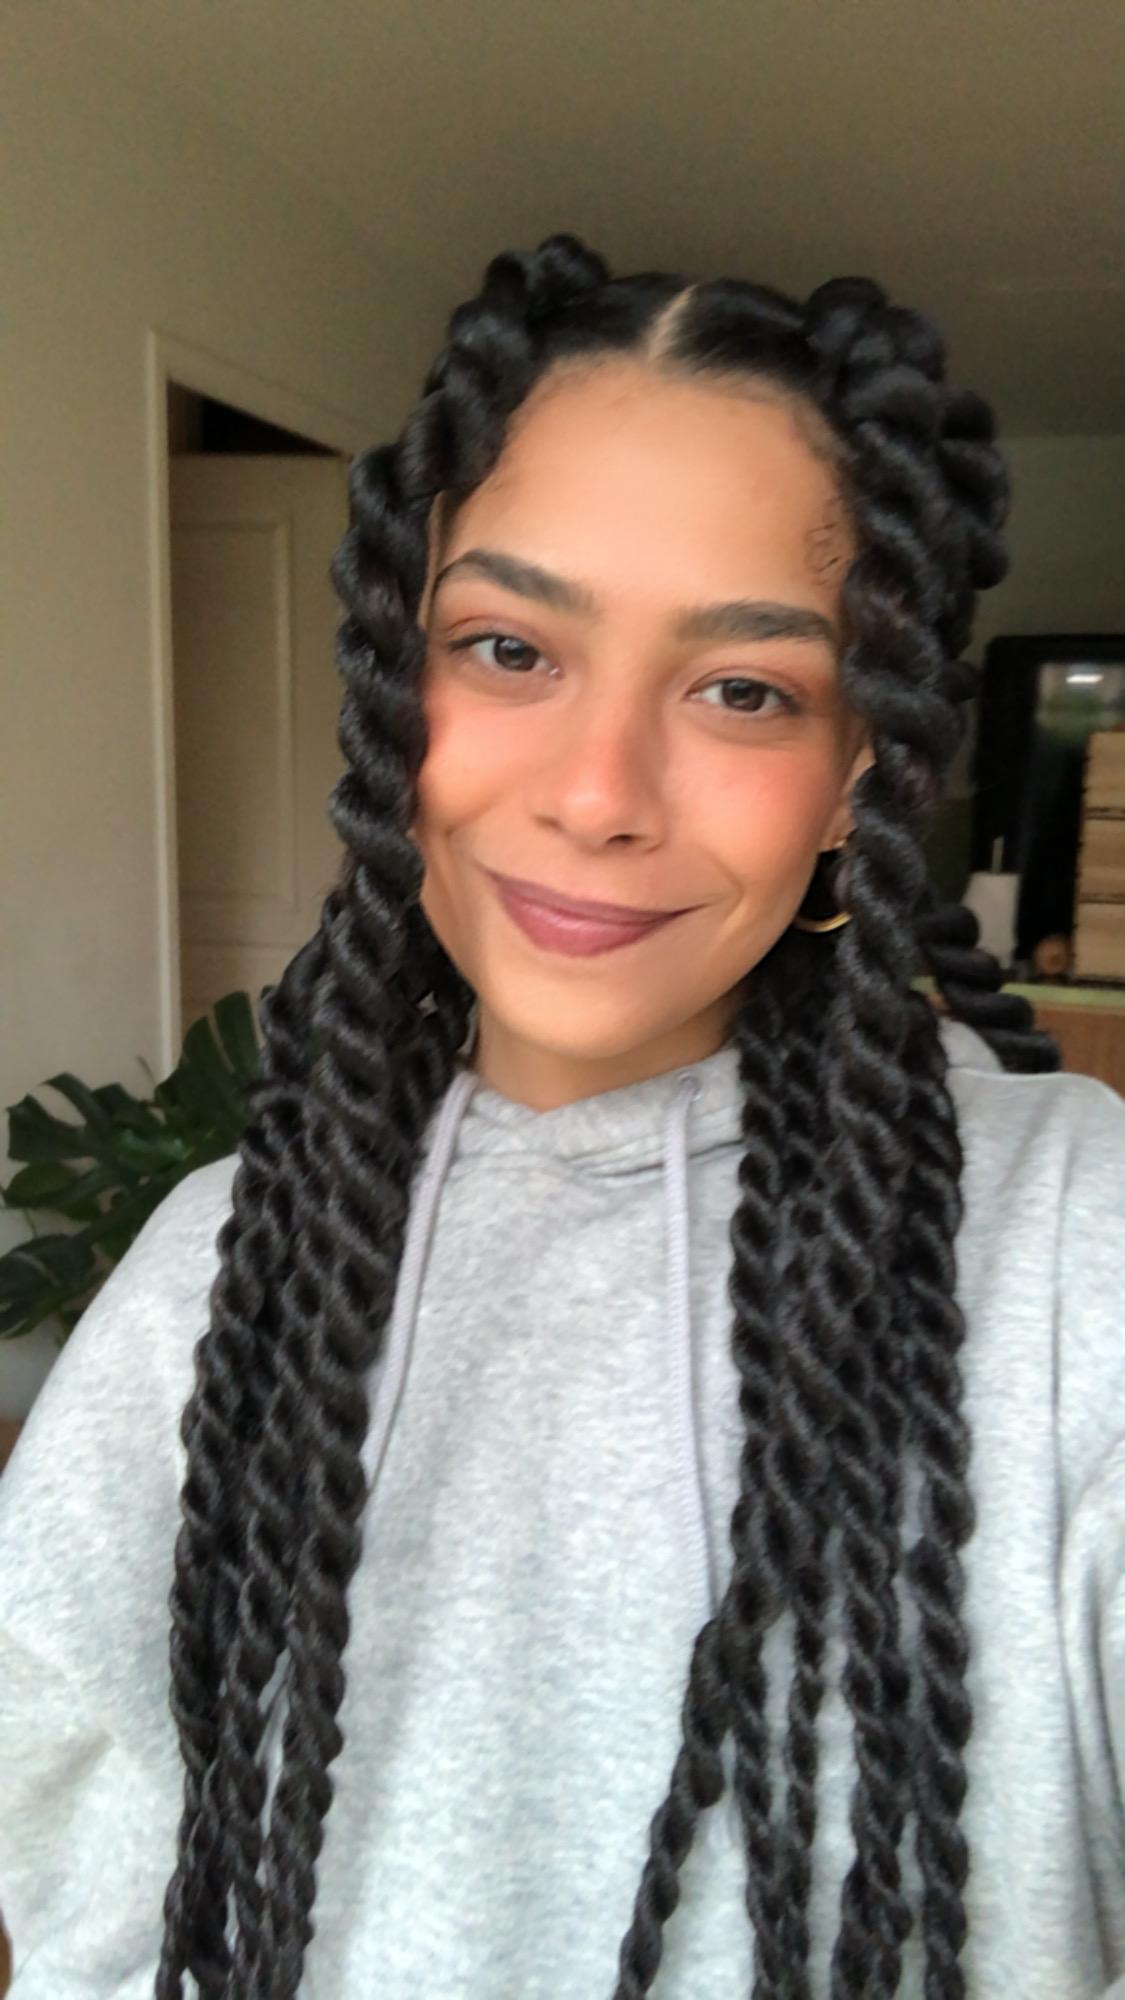 salon de coiffure afro tresse tresses box braids crochet braids vanilles tissages paris 75 77 78 91 92 93 94 95 LUWFAQOZ